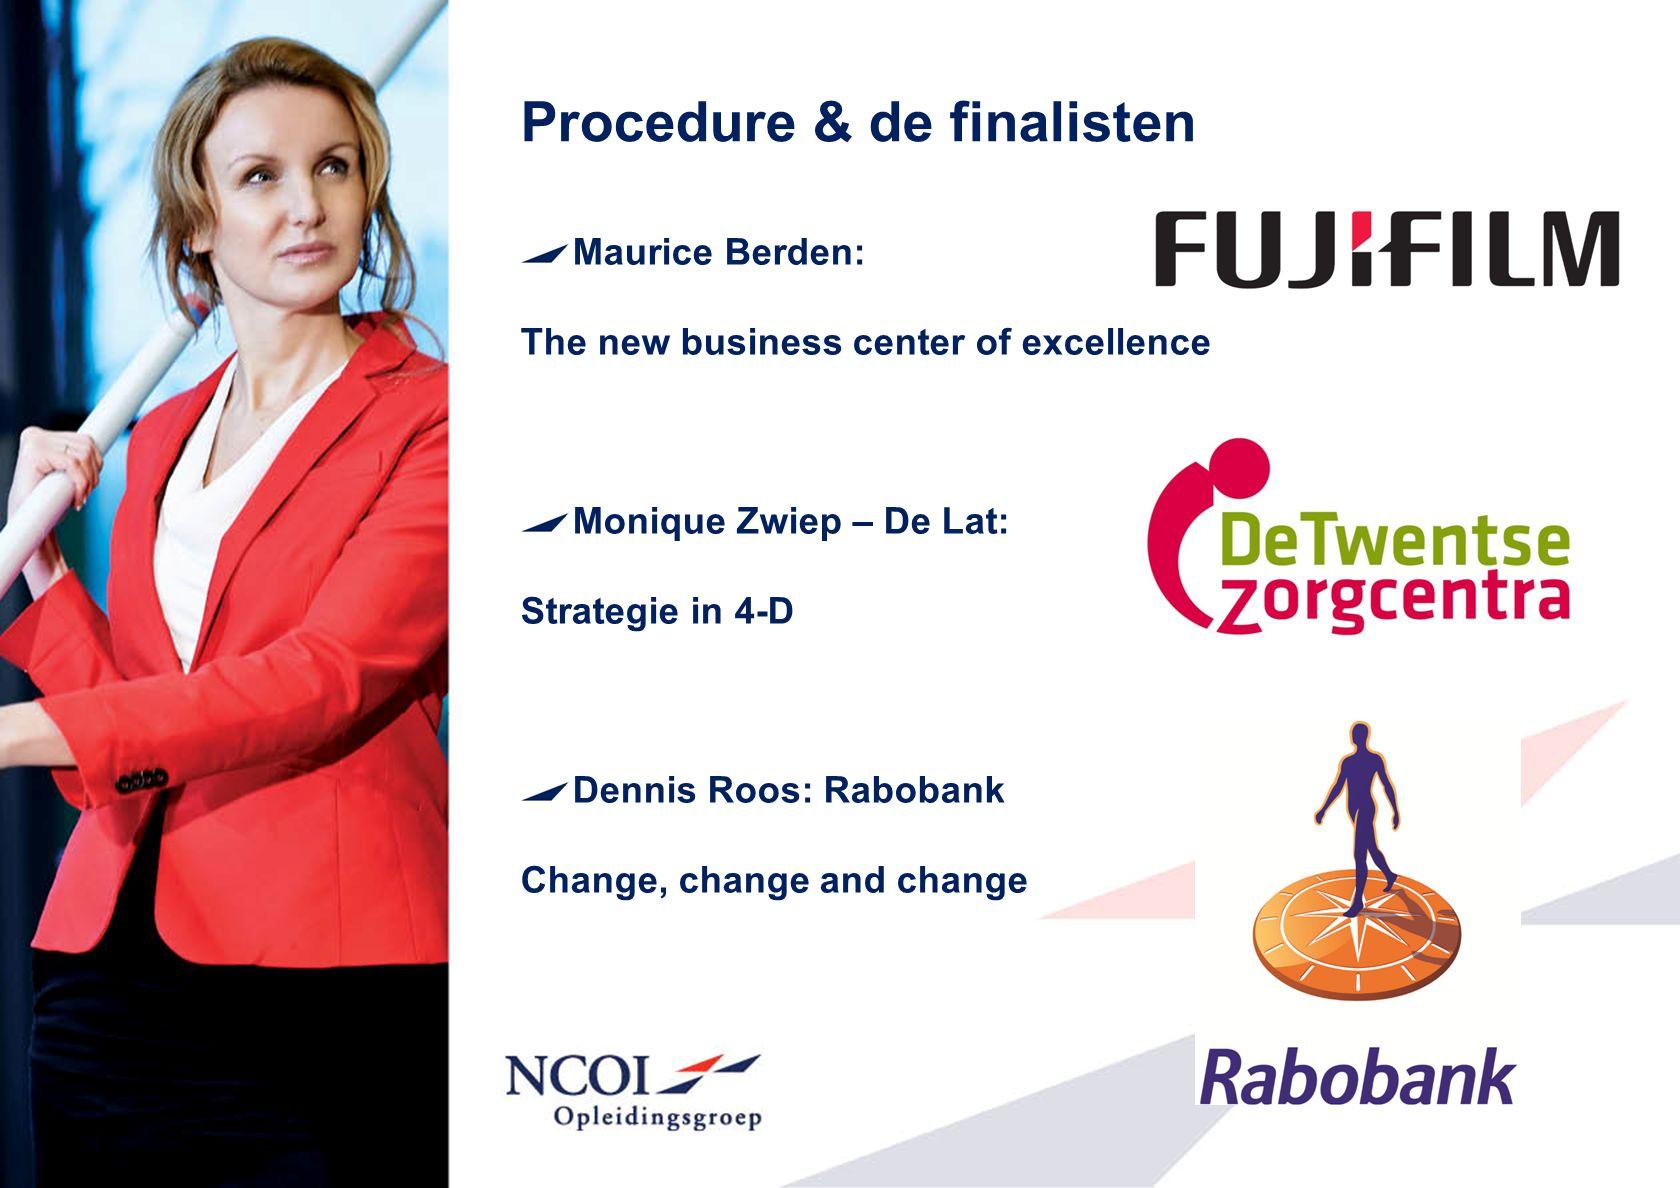 Procedure & de finalisten